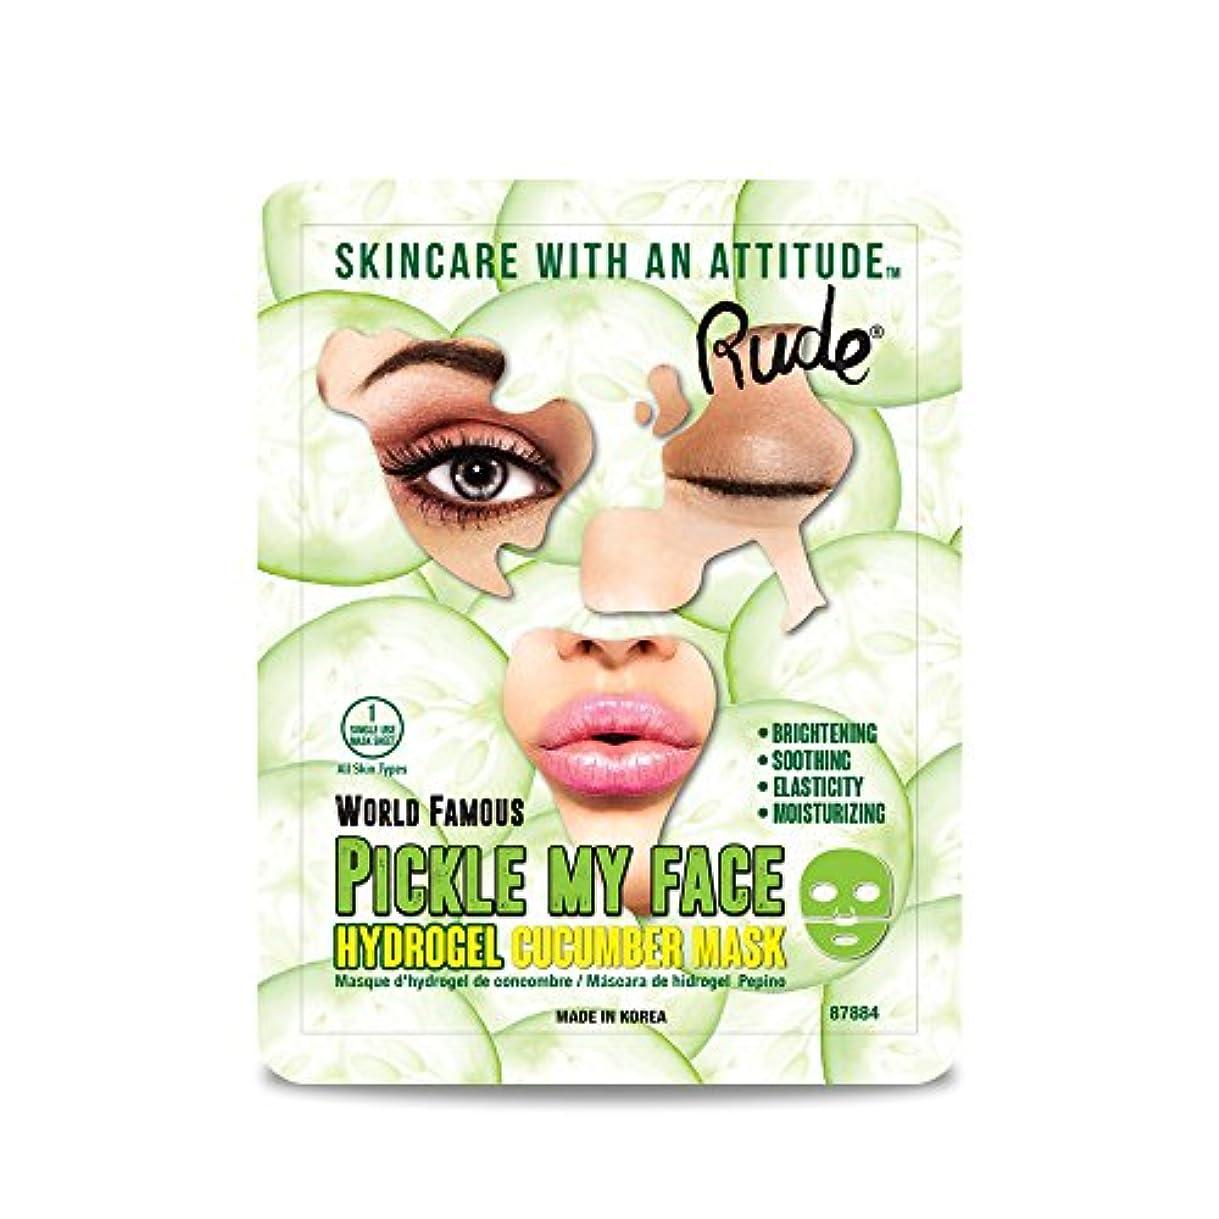 バルブピンポイントジョージバーナード(3 Pack) RUDE Pickle My Face Hydrogel Cucumber Mask (並行輸入品)